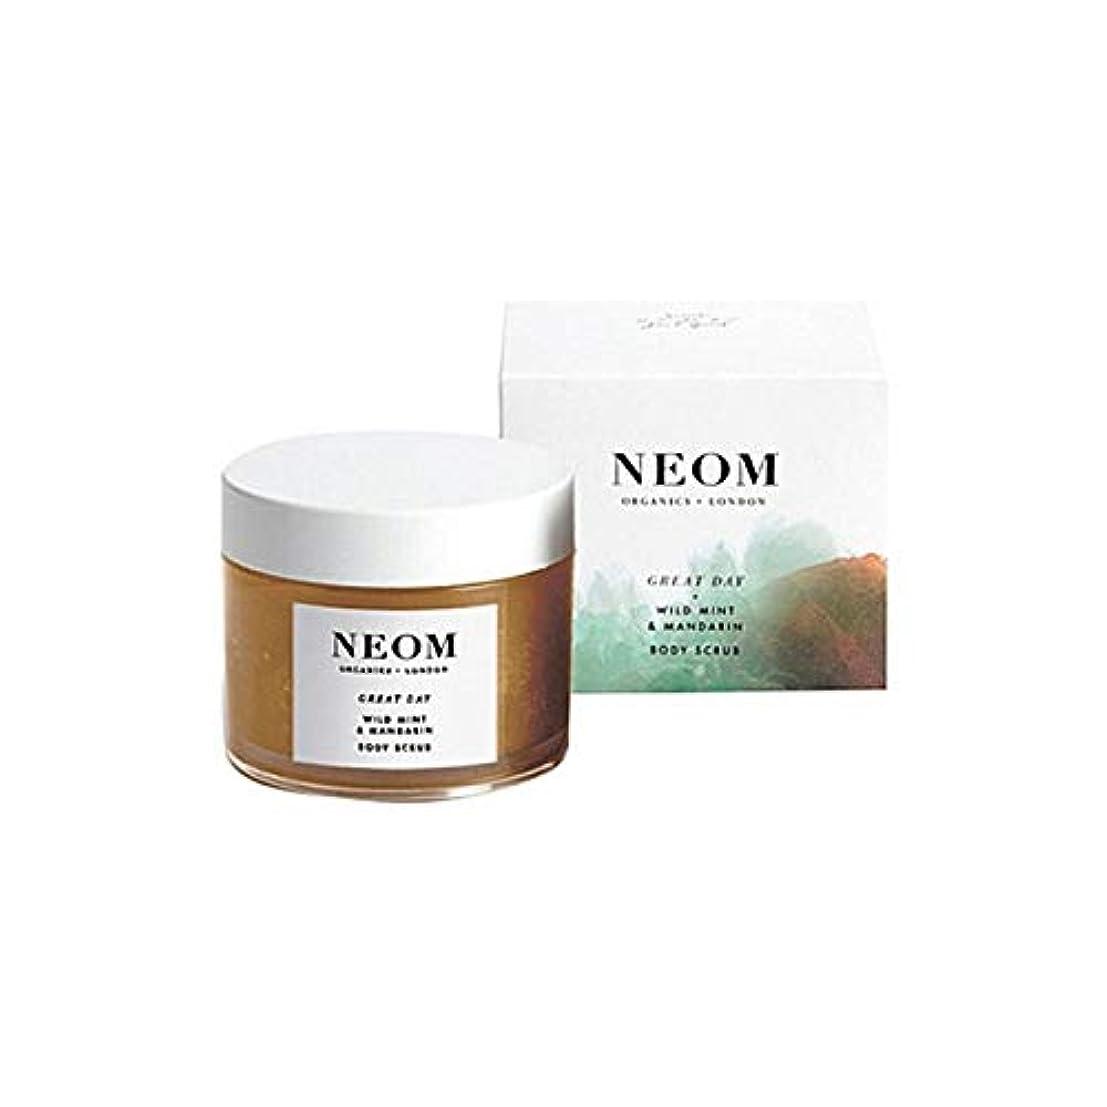 狭い導体産地[Neom] Neom高級有機物素晴らしい一日ボディスクラブ332グラム - Neom Luxury Organics Great Day Body Scrub 332G [並行輸入品]